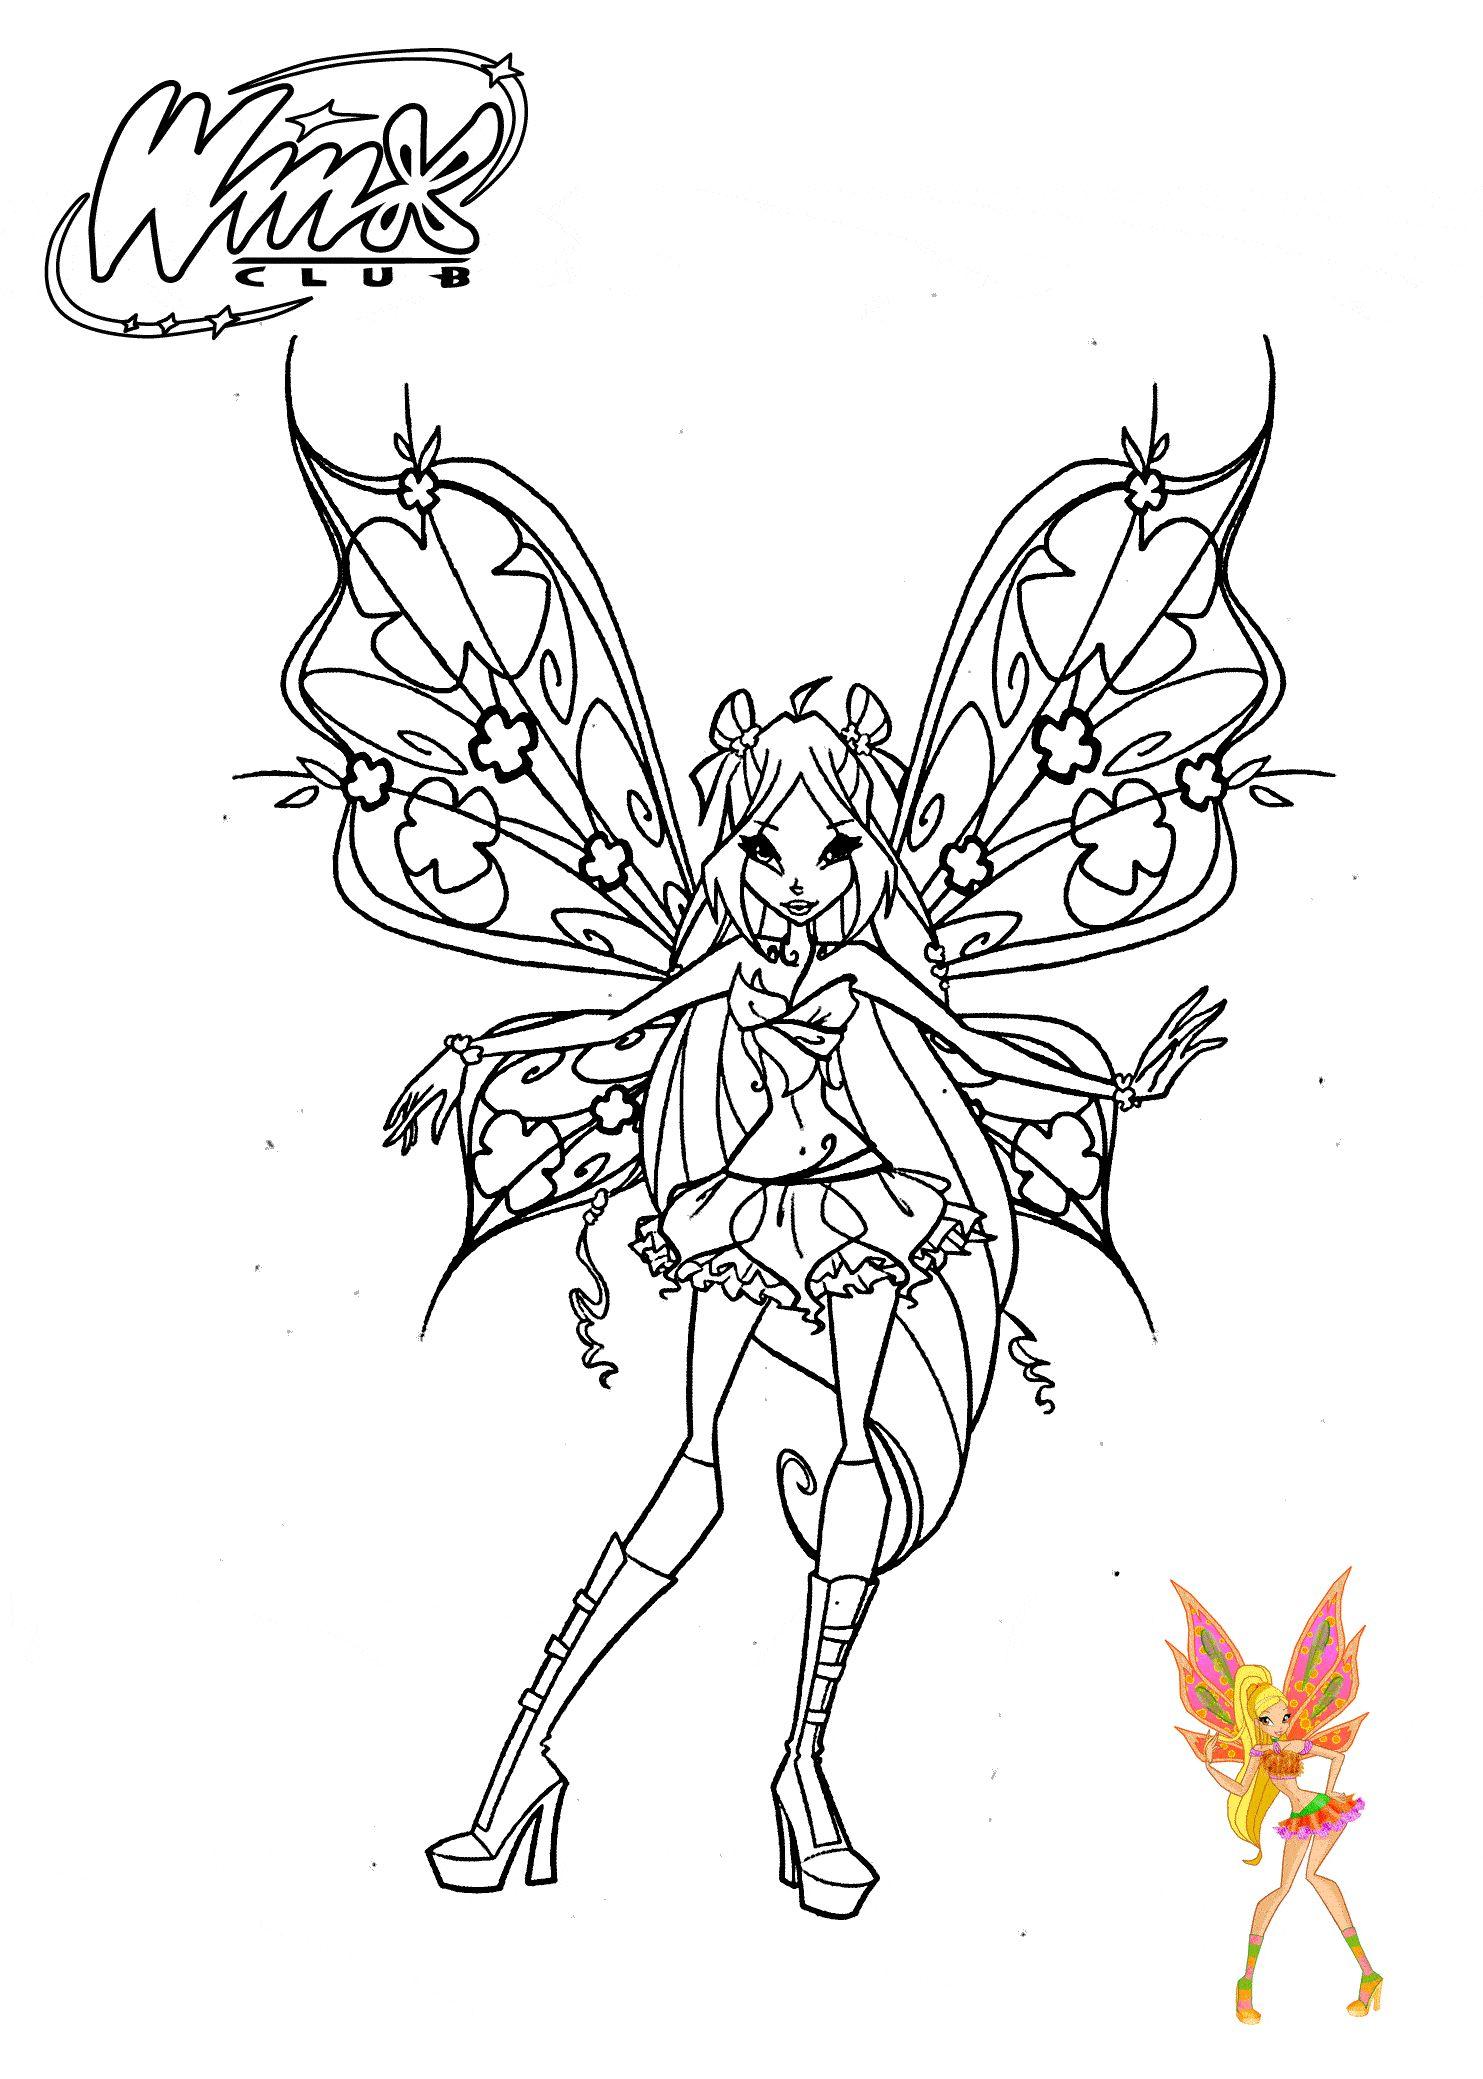 Tranh Tô Màu Công Chúa Phép Thuật Winx - Bloom 52